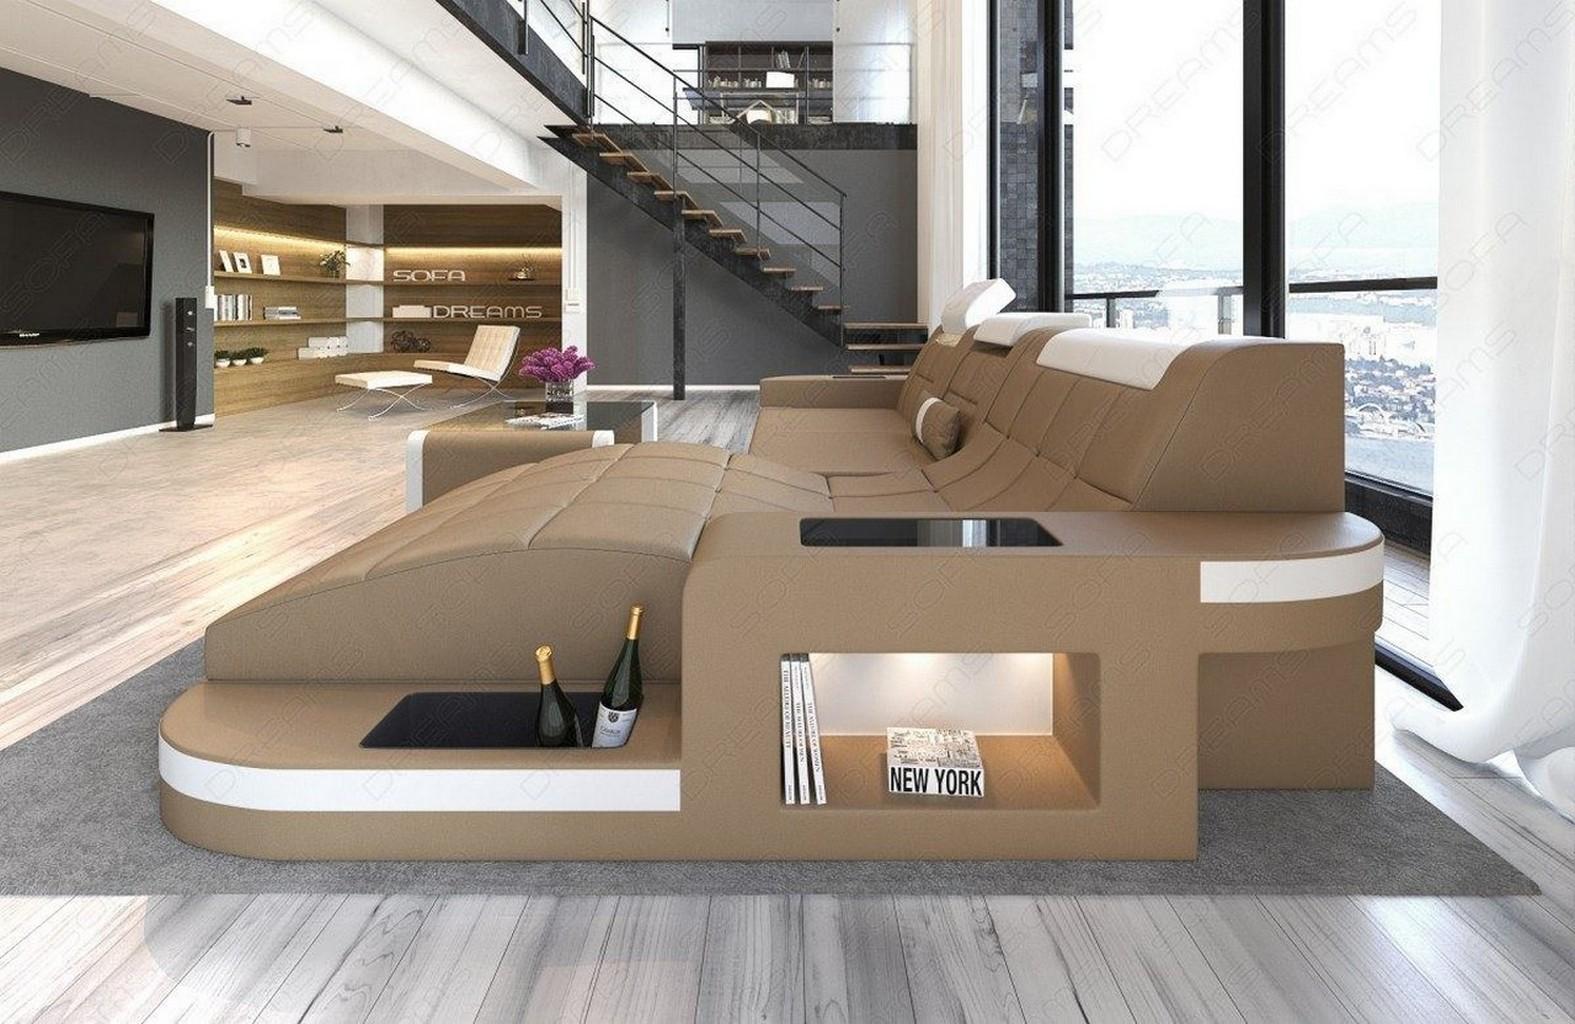 ledersofa wave l form eck luxus couch garnitur mit led rgb. Black Bedroom Furniture Sets. Home Design Ideas